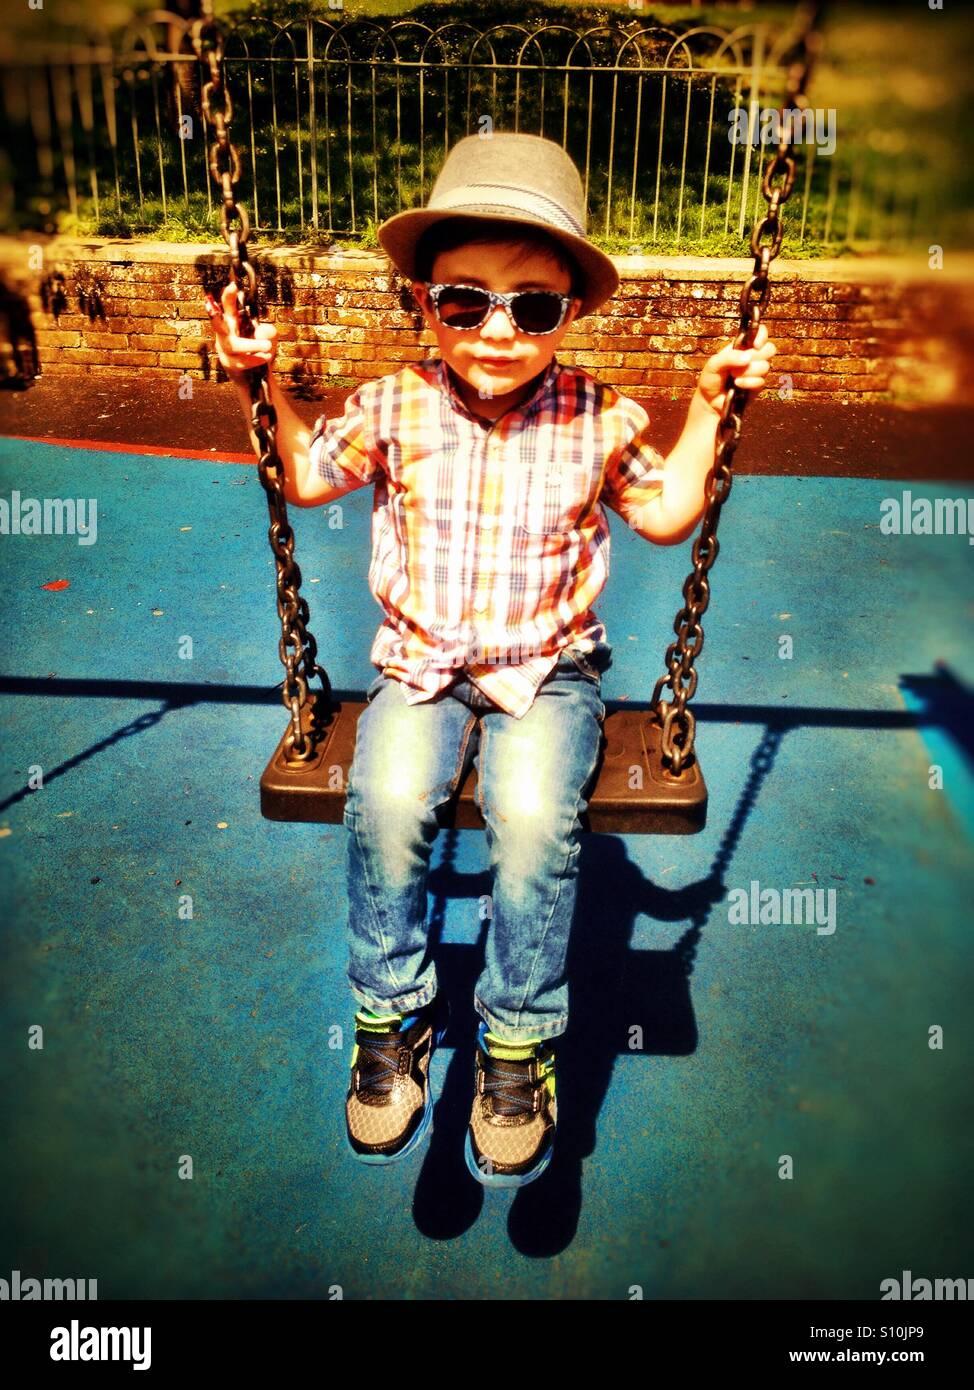 Ein kleiner Junge mit Hut und Sonnenbrille spielt auf s Schaukel im Park. Stockbild